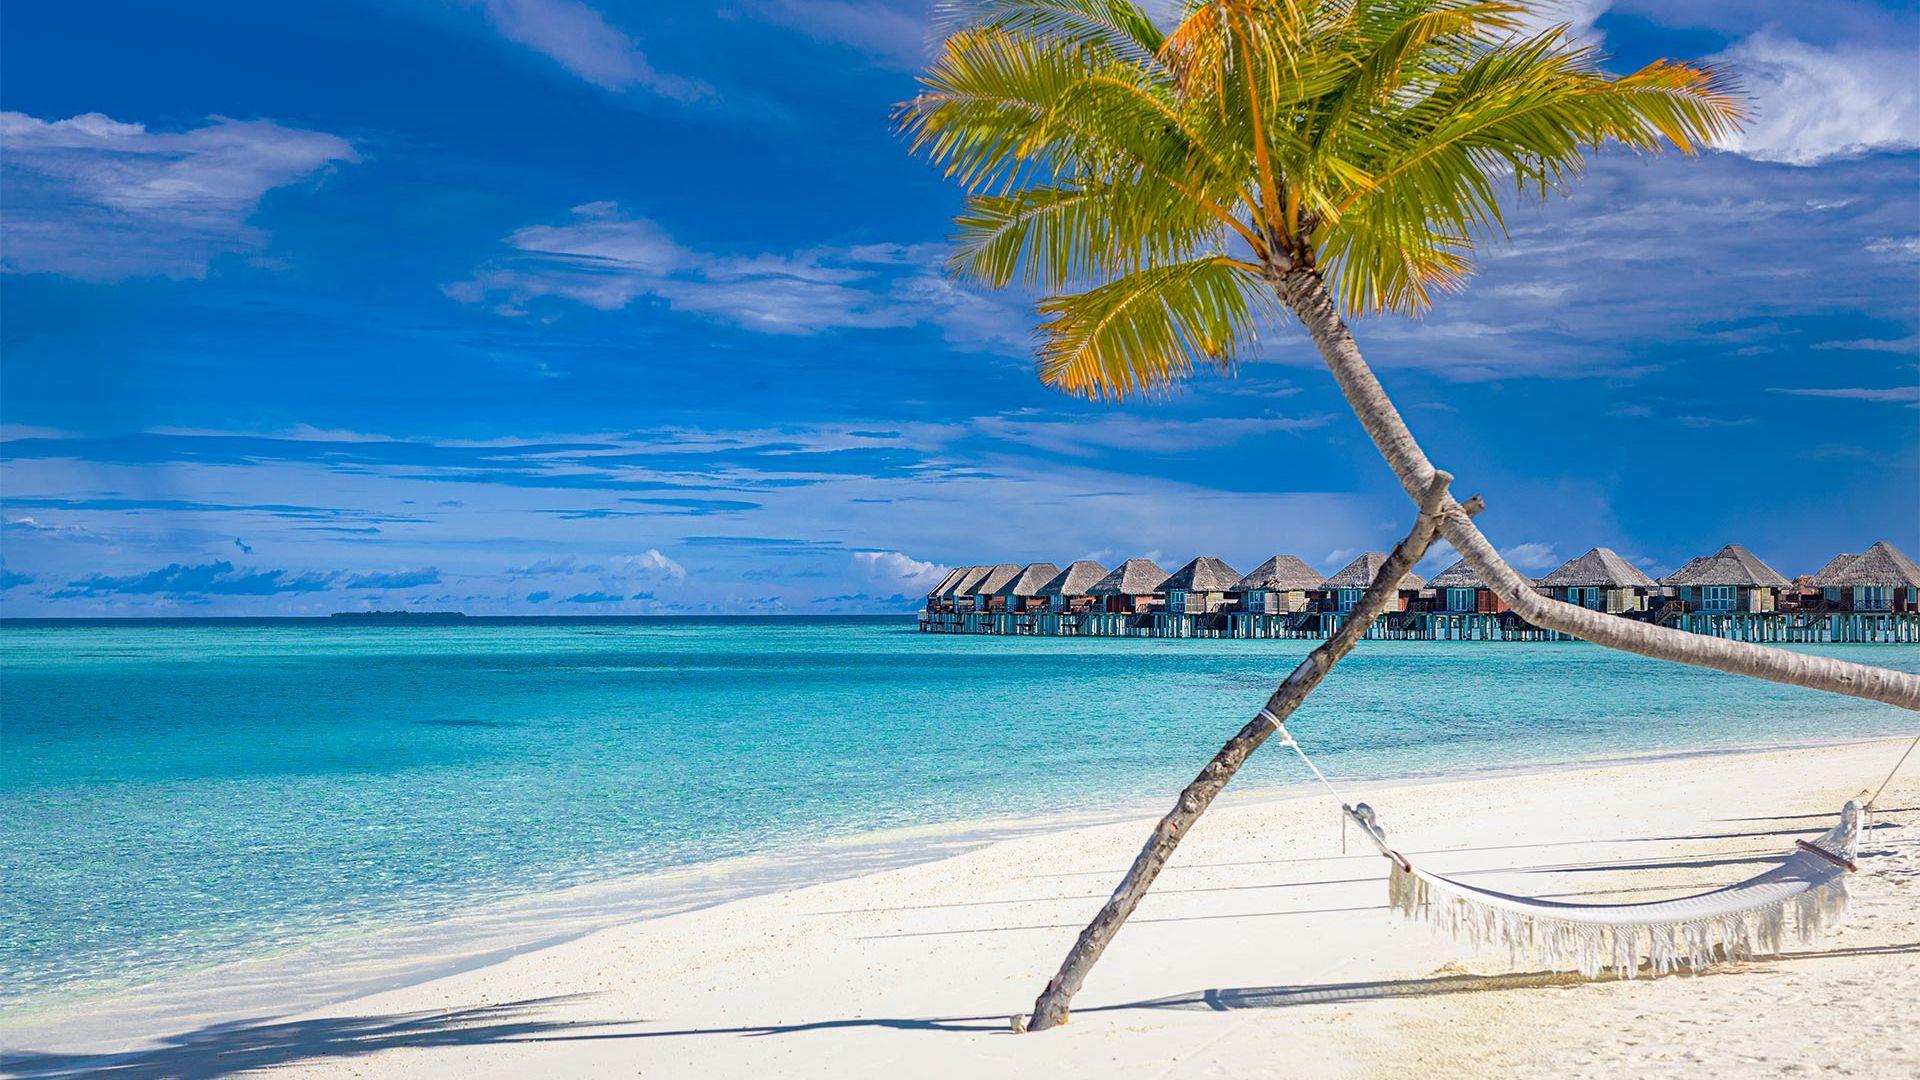 Sejur charter All Inclusive Maldive, 10 zile - februarie 2022